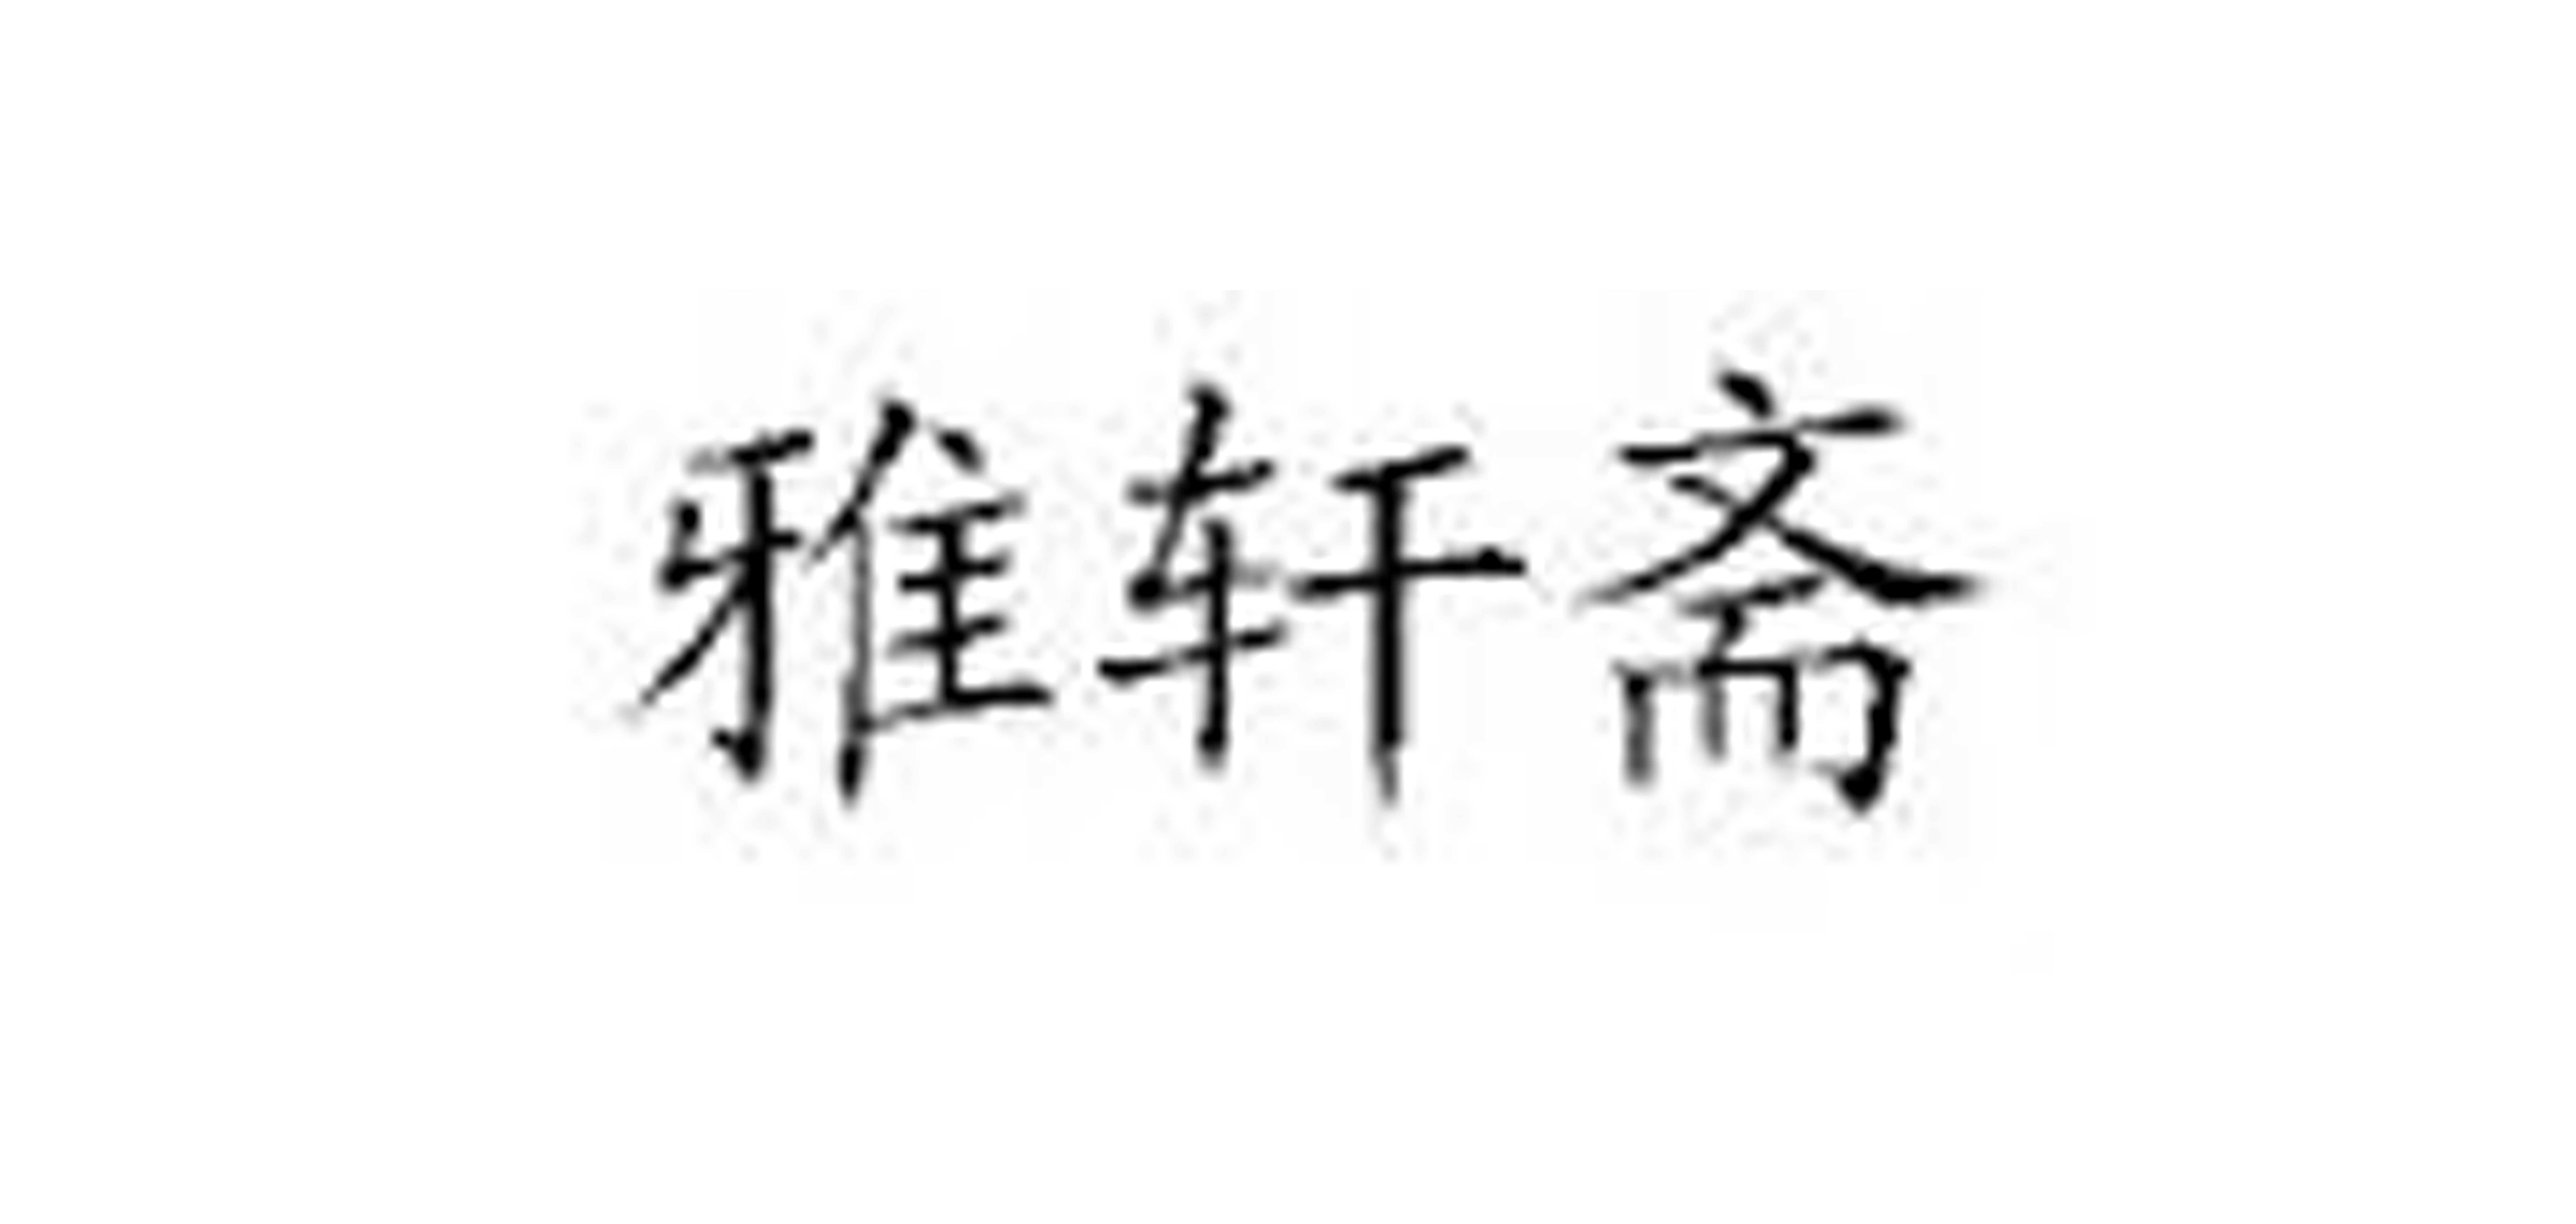 雅轩斋是什么牌子_雅轩斋品牌是什么档次?